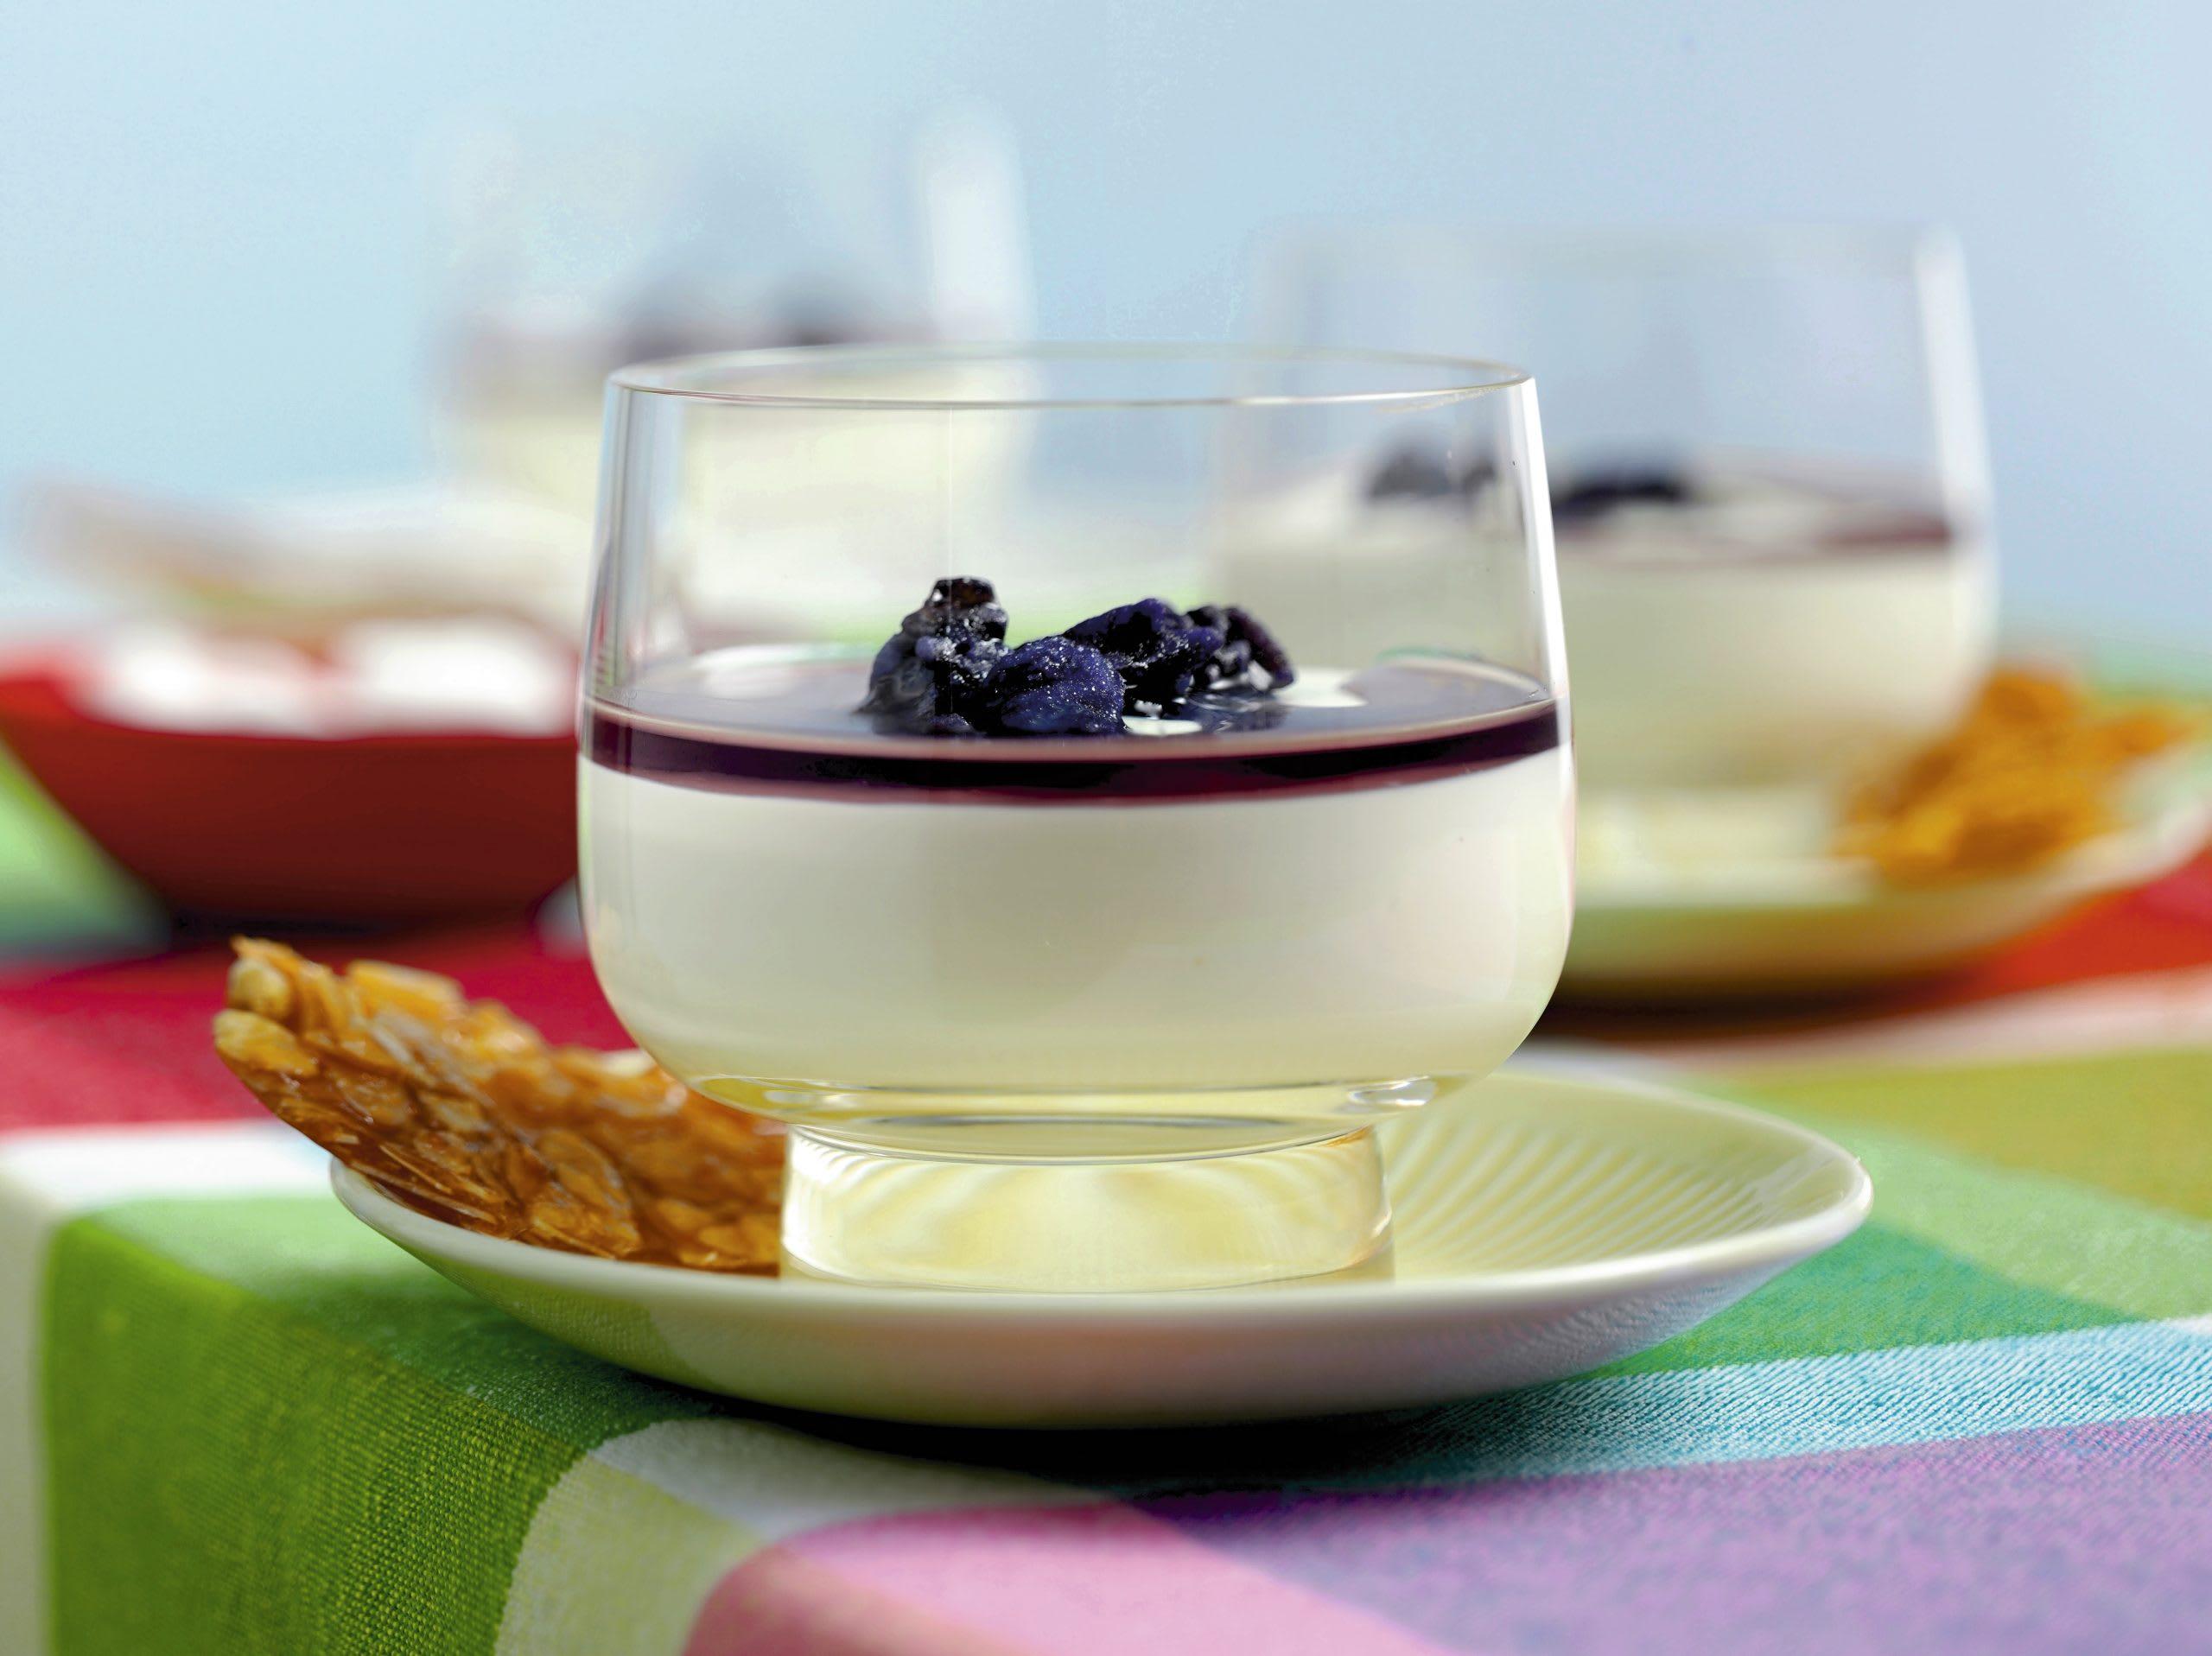 Blanc manger mit Veilchensirup